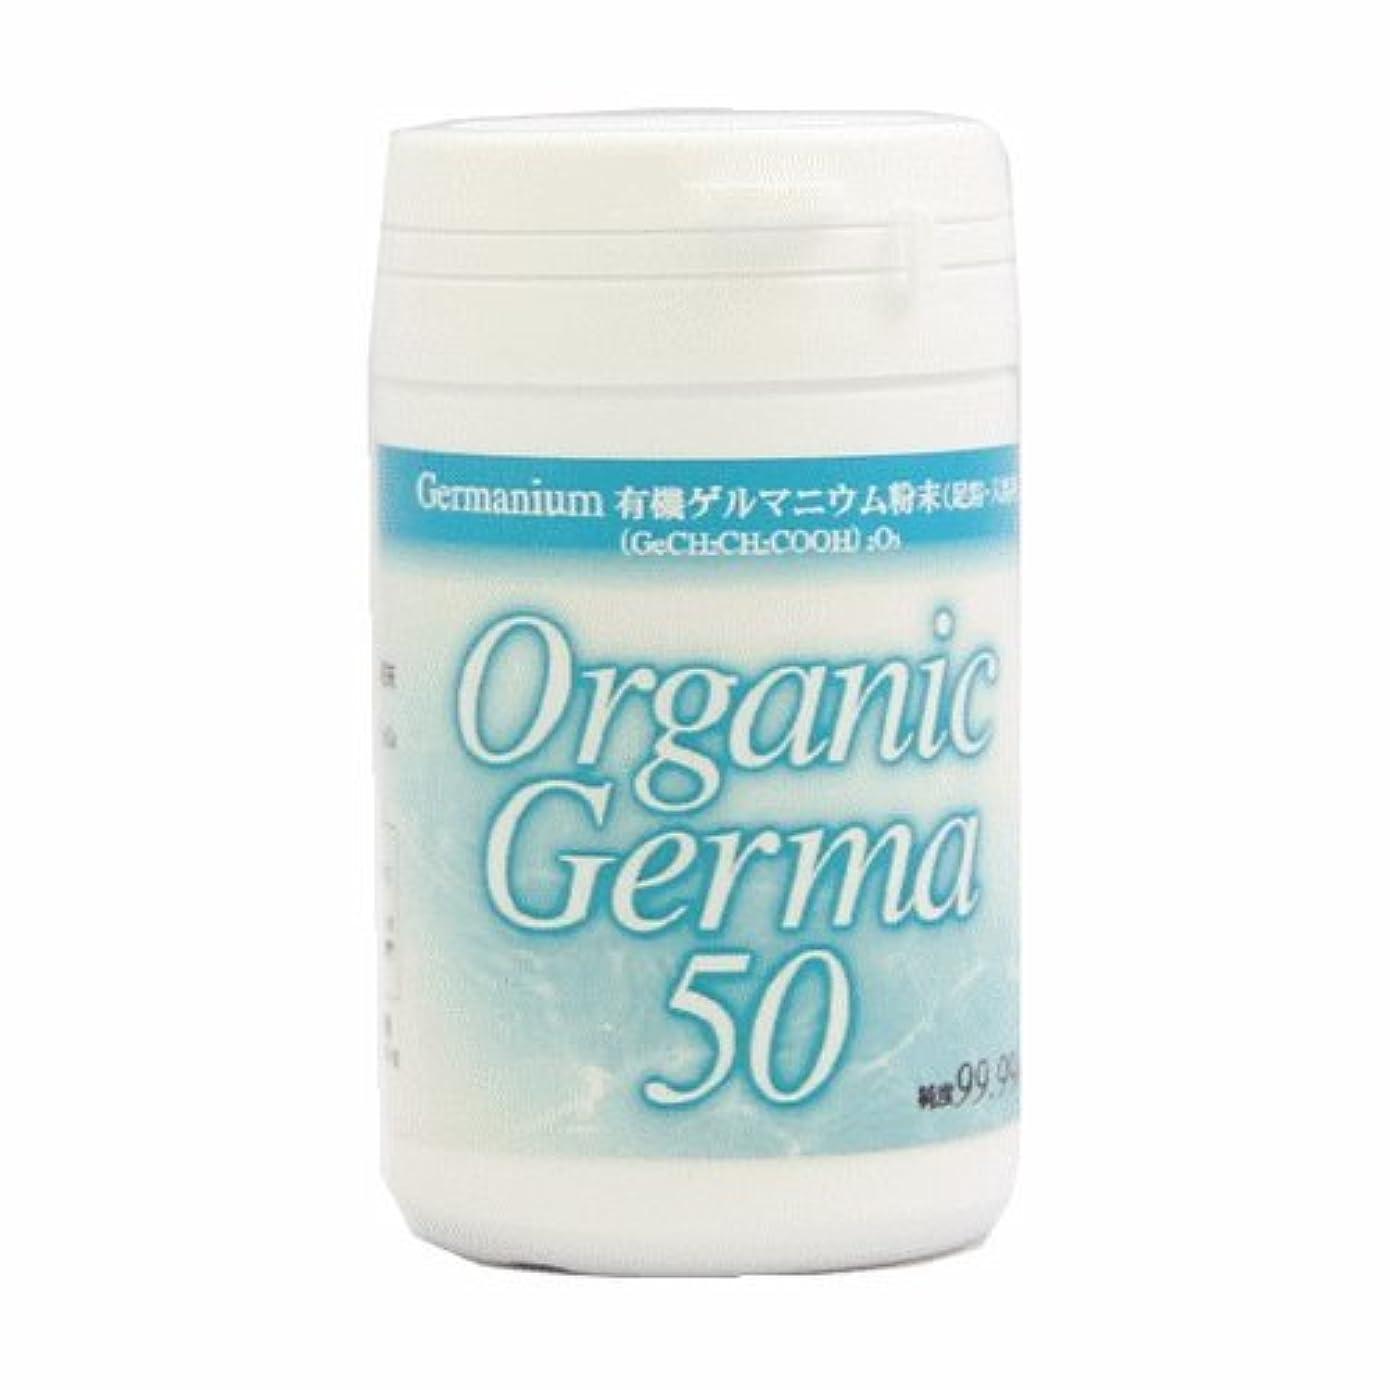 装備する甘やかすハック【有機 ゲルマニウム 粉末 50g (Ge-132) 99.99% 温浴用】 ゲルマ パウダー